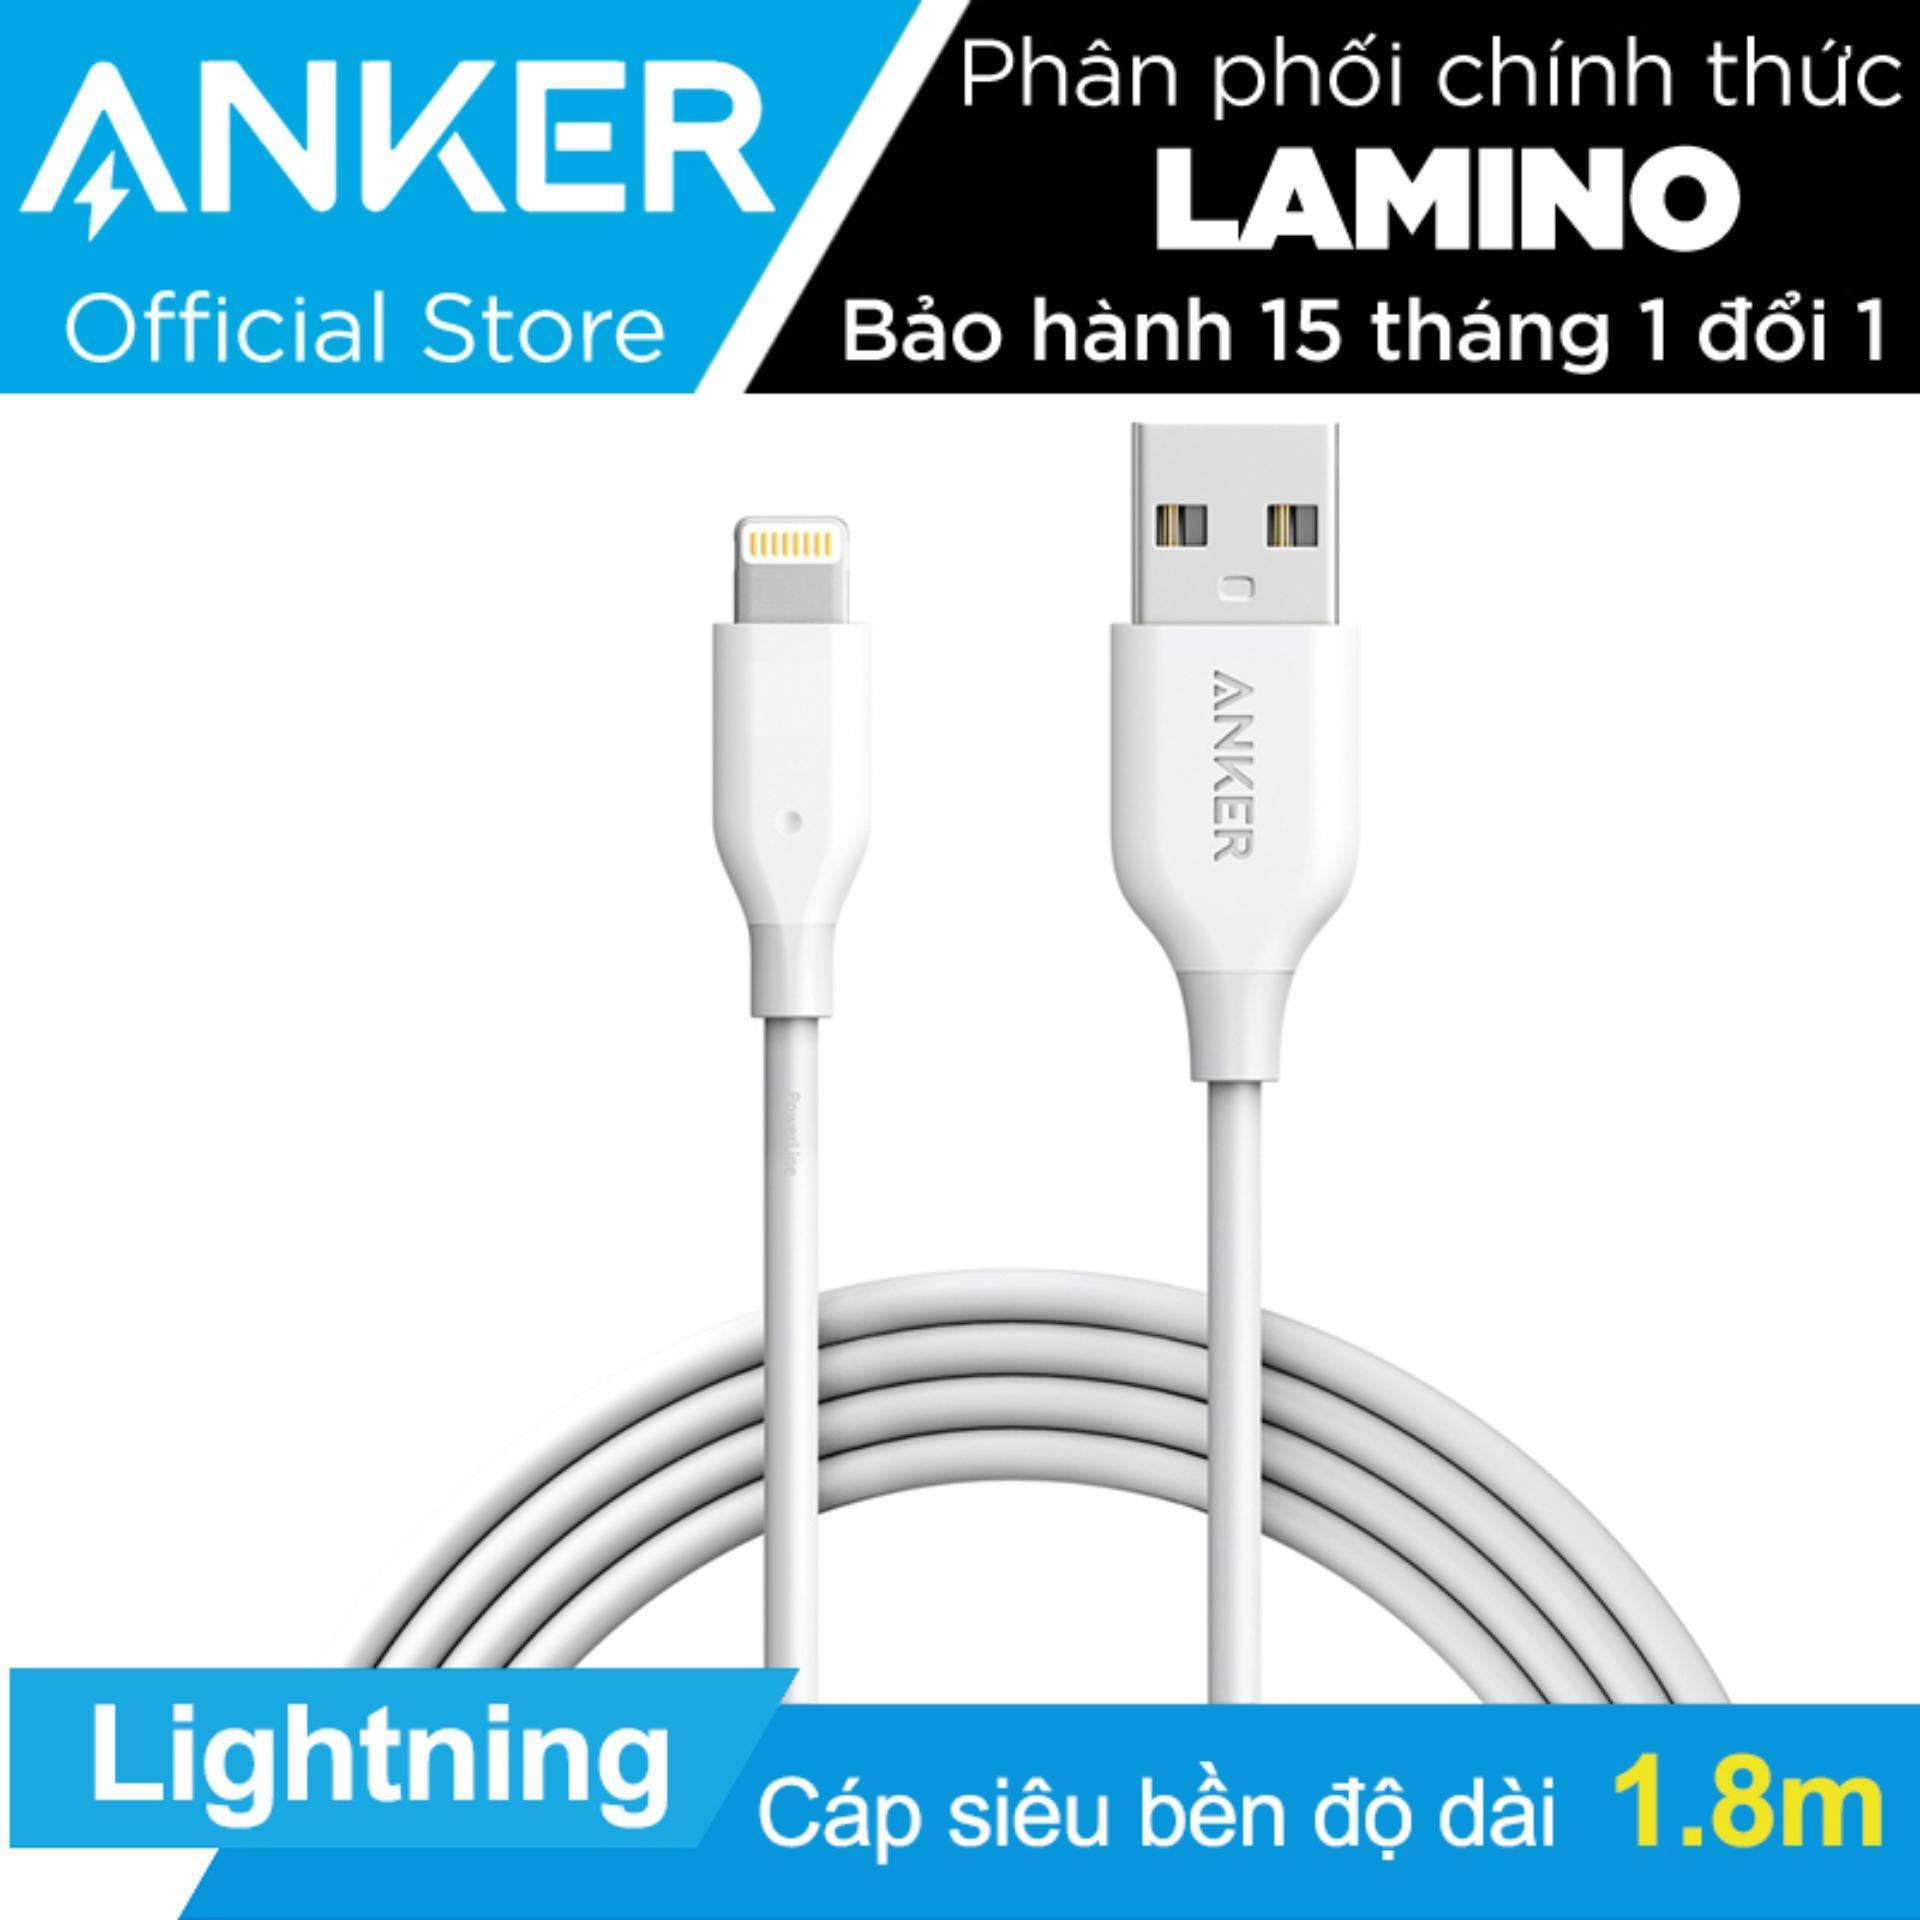 Bán Mua Cap Sạc Sieu Bền Anker Powerline Lightning 1 8M Cho Iphone Ipad Ipod Trắng Hang Phan Phối Chinh Thức Mới Hồ Chí Minh